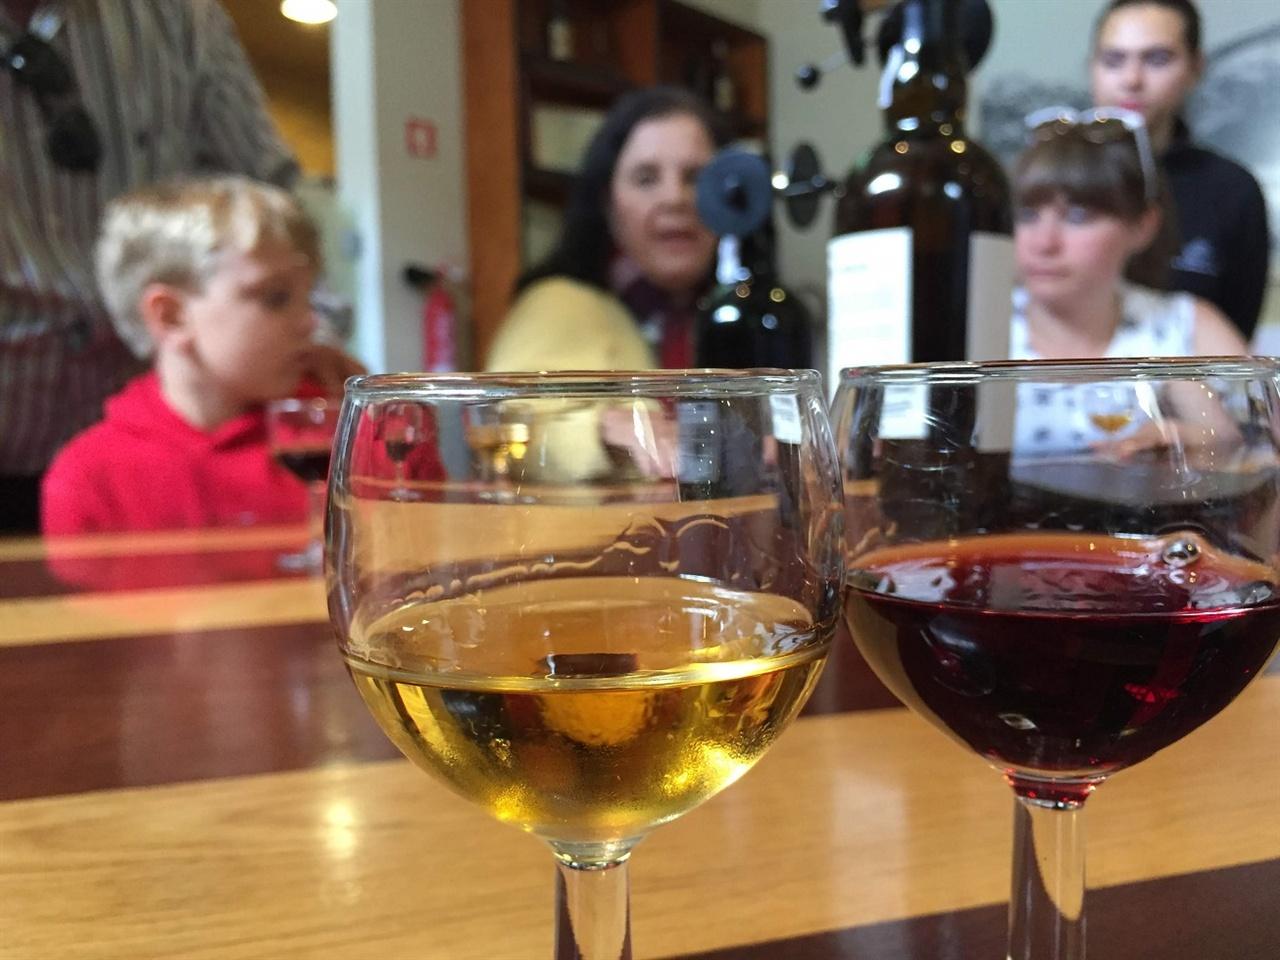 포트와인 투어에 나섰어요.  강변의 와인창고에서 포트와인 투어에 나섰어요. 창고 투어를 마치고 시음을 위한 와인을 두 종류 시음했어요. 일반 와인보다 달콤한 포트와인은, 달콤함에 솎으면 안되요. 알코올 도수가 일반 와인보다 세 배는 되거든요!